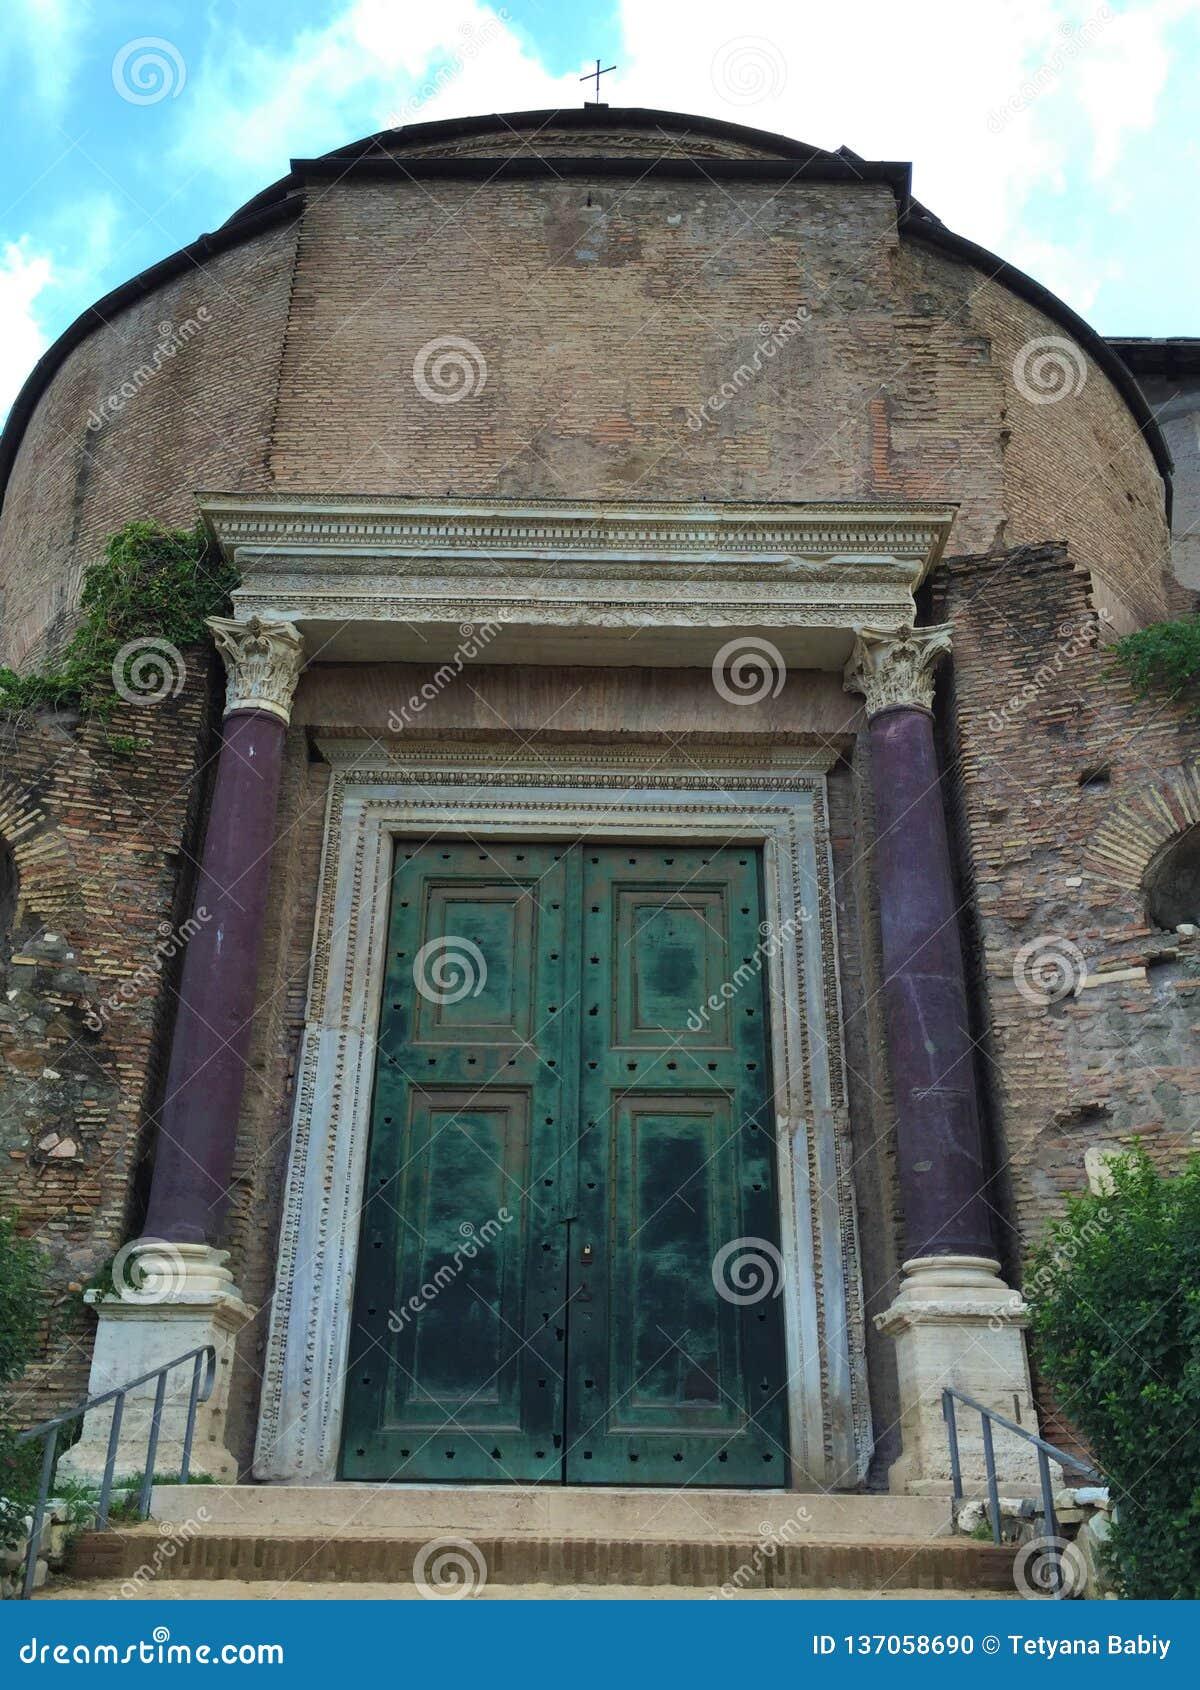 Tempel von Romulus - Forum war die Mitte des Alltagslebens in Rom